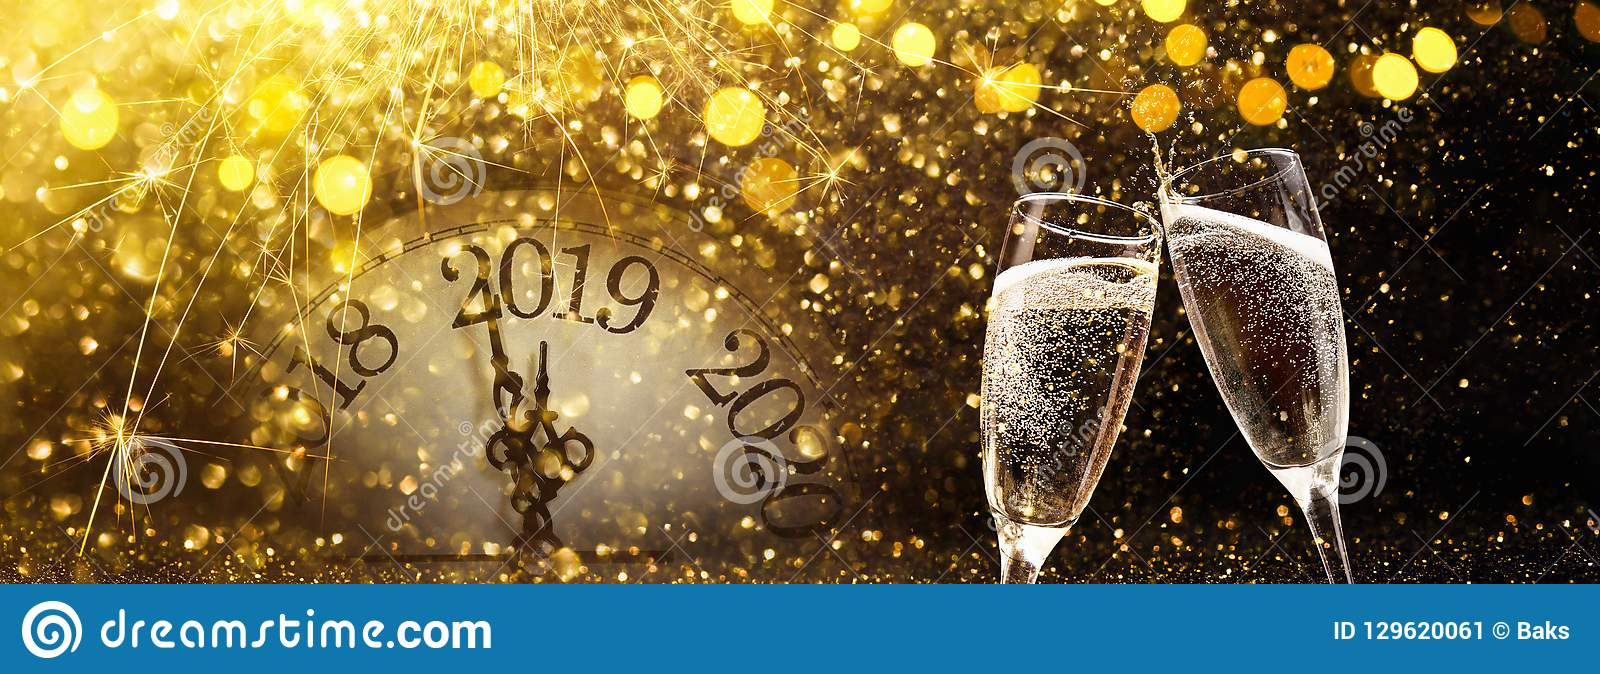 New Year`s Eve 2019 Celebration Background